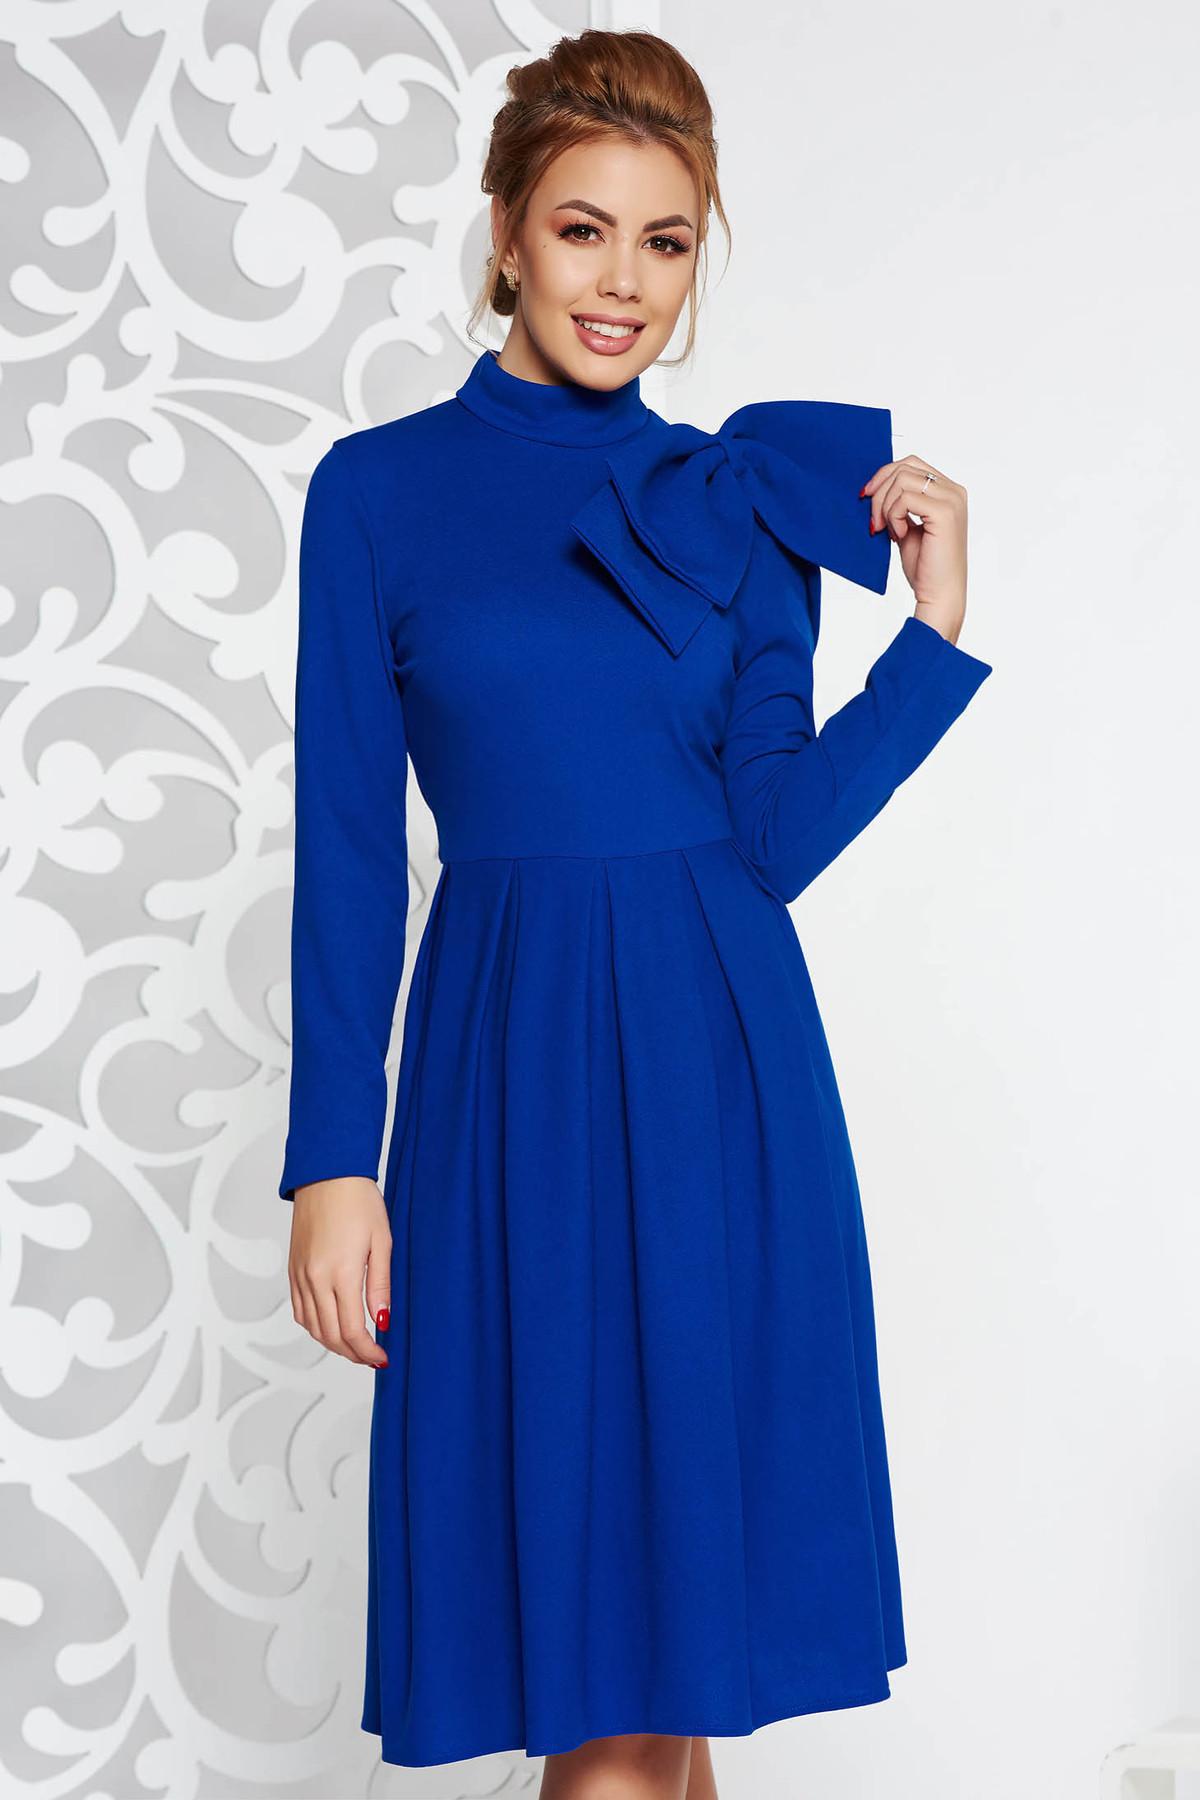 59e7730f0b Kék elegáns harang ruha enyhén rugalmas anyag masni díszítéssel